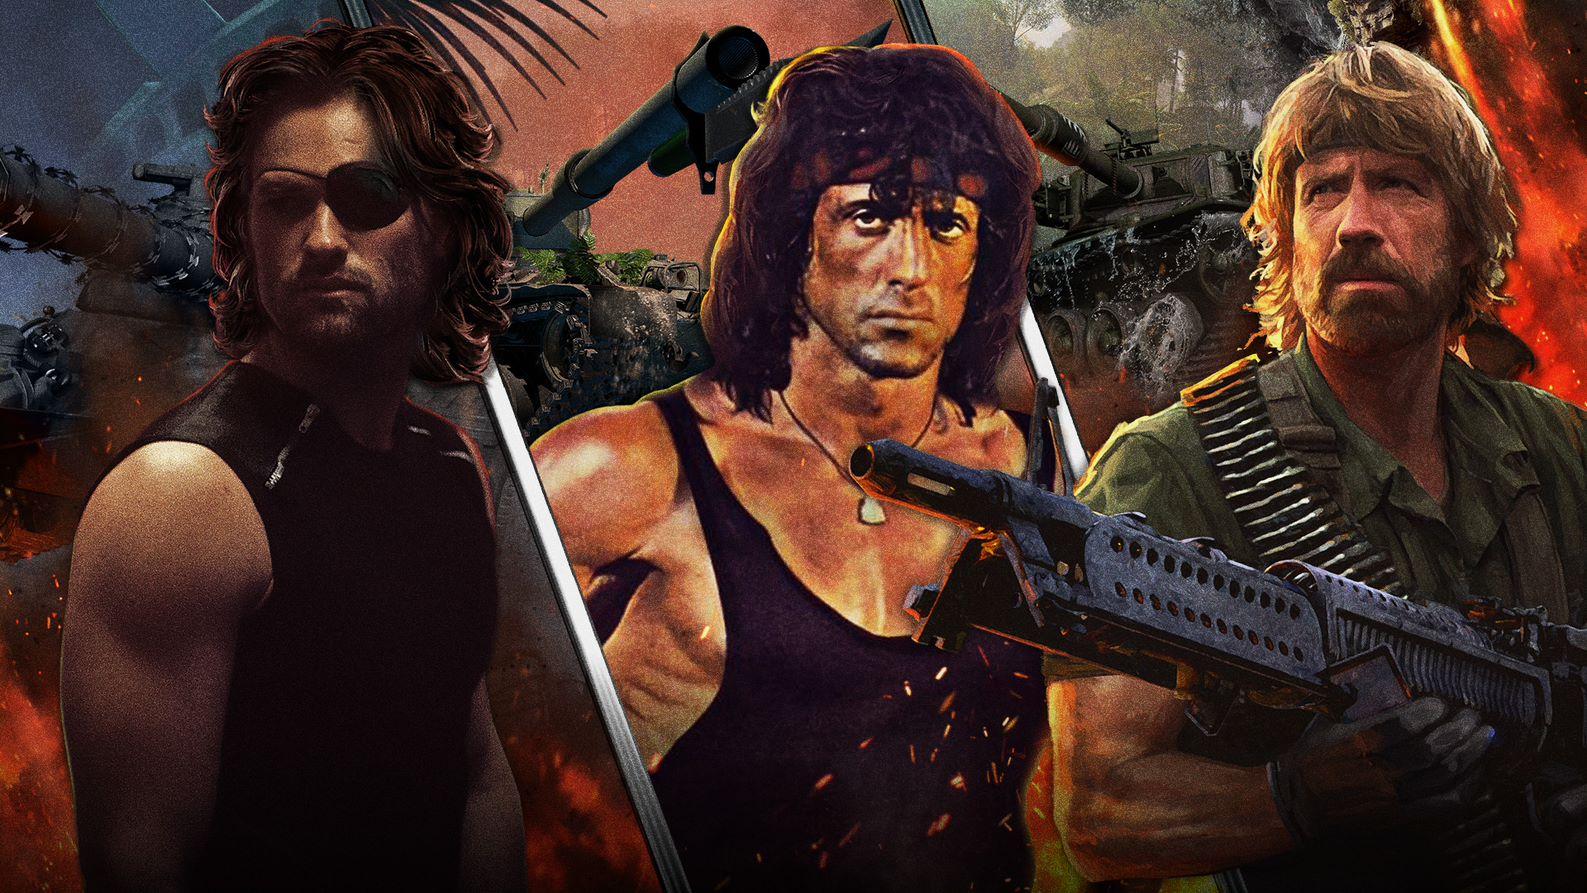 У World of Tanks оновили графіку і додали героїв з фільмів 80-х / фото wargaming.net